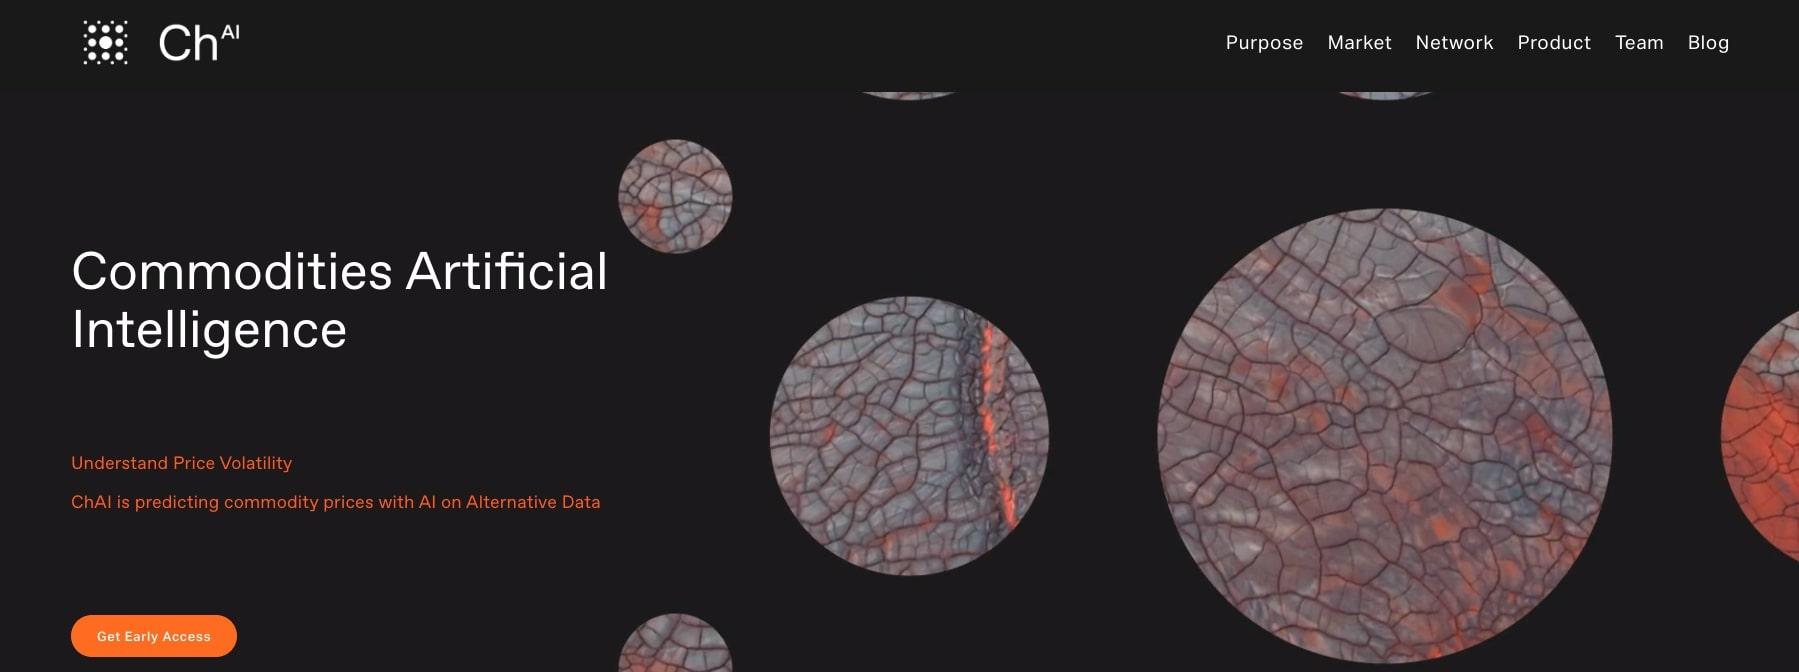 ChAI FinTech Website Homepage